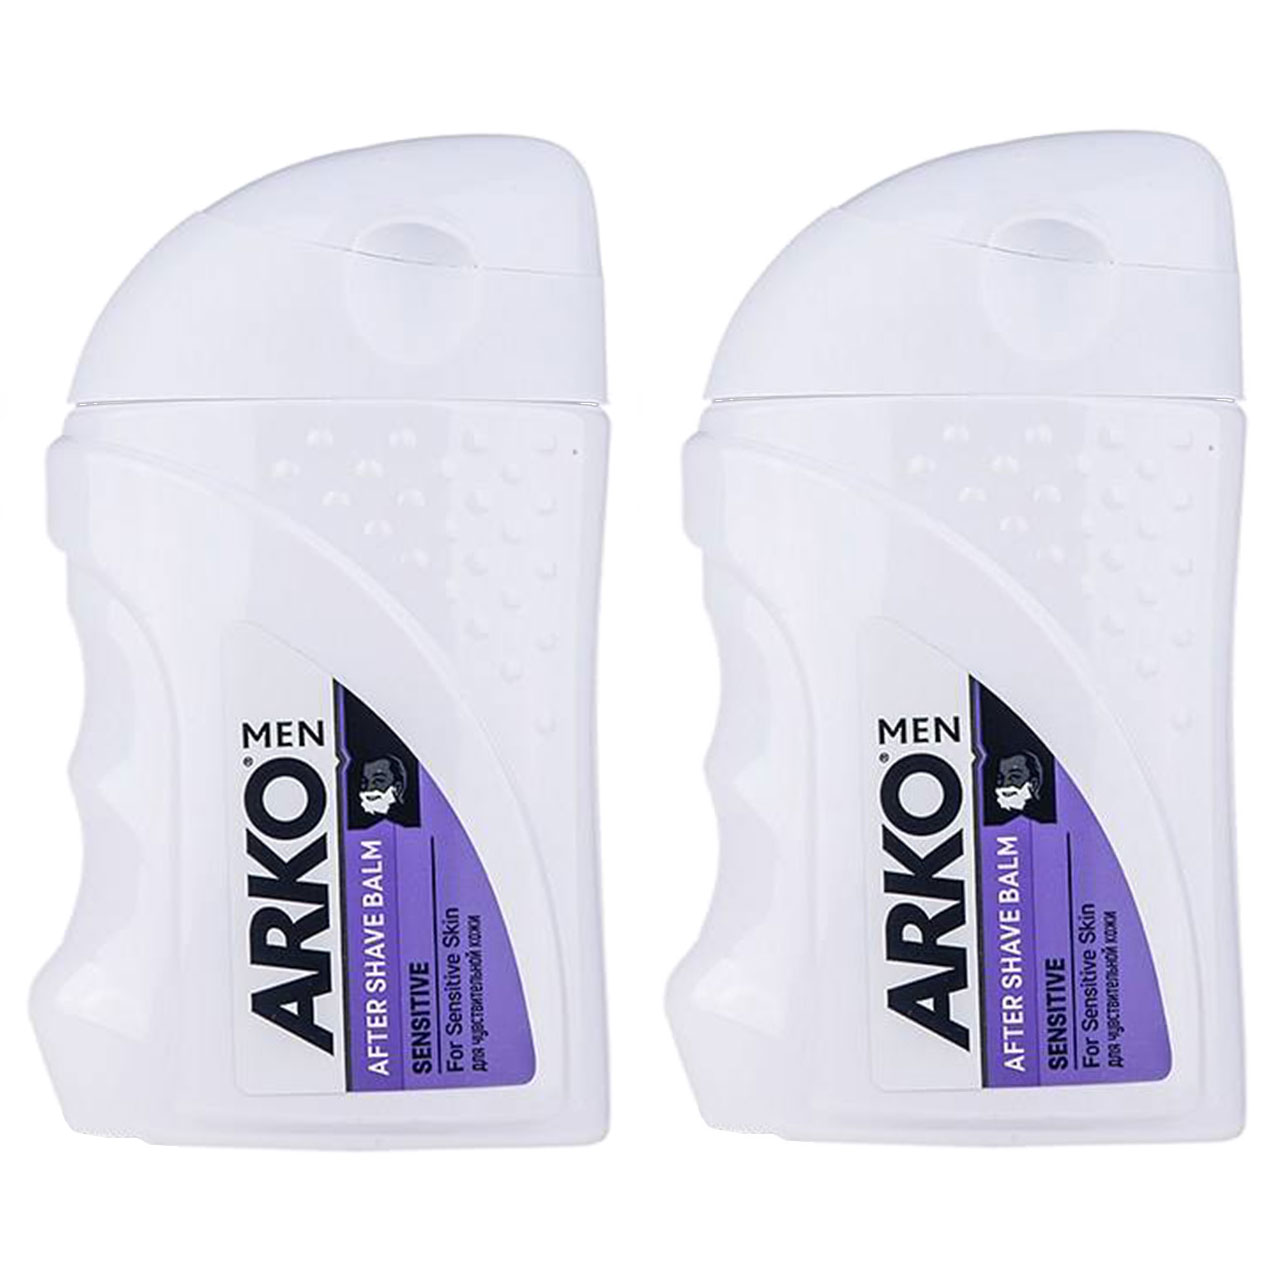 خرید                      بالم افتر شیو آرکو من مدل Sensitive حجم 150 میلی لیتر مجموعه 2 عددی              ✅